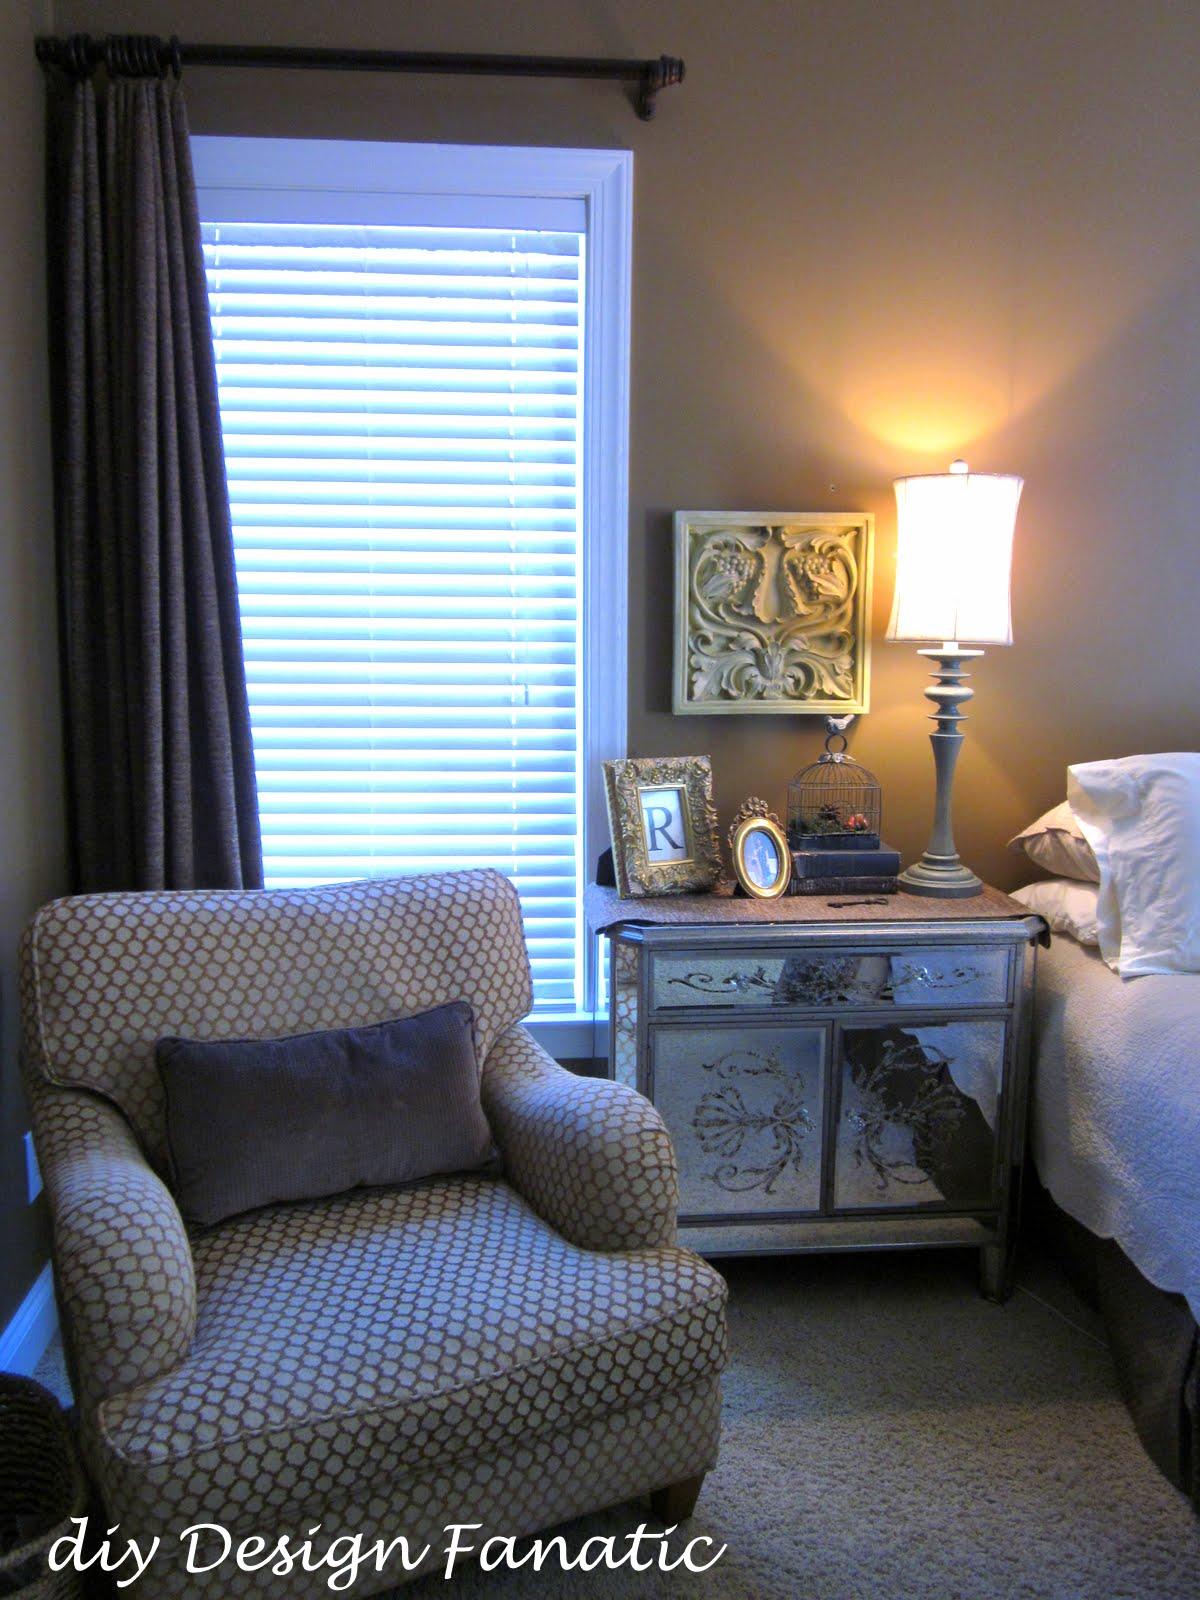 diy Design Fanatic: Master Bedroom